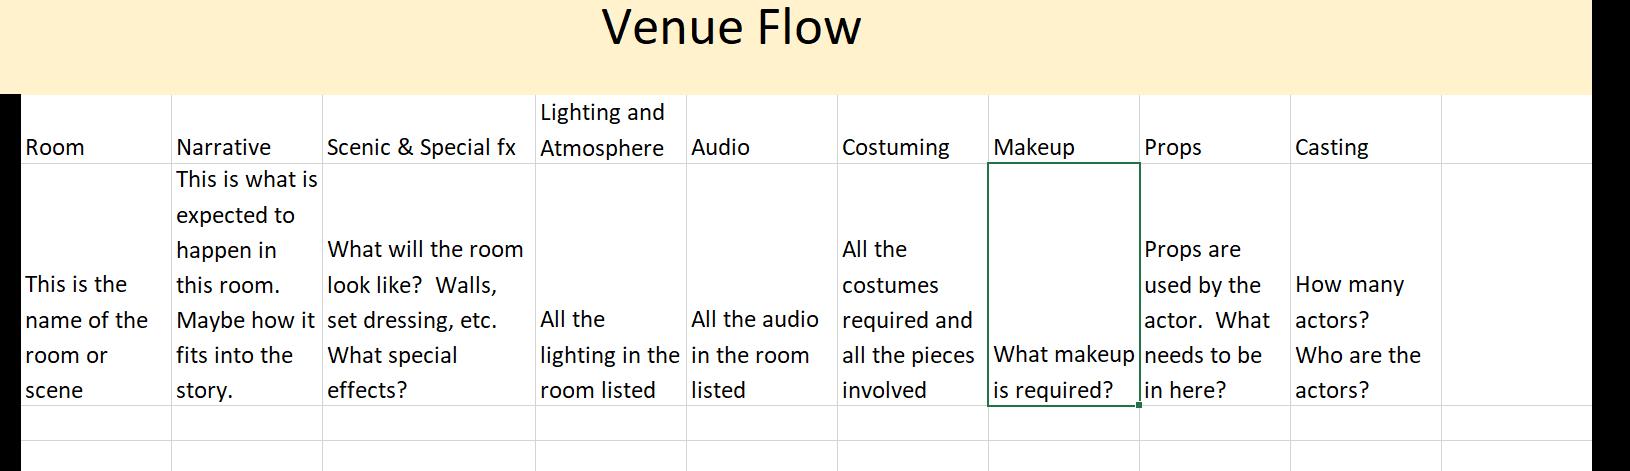 Name:  venue flow image.PNG Views: 60 Size:  43.8 KB